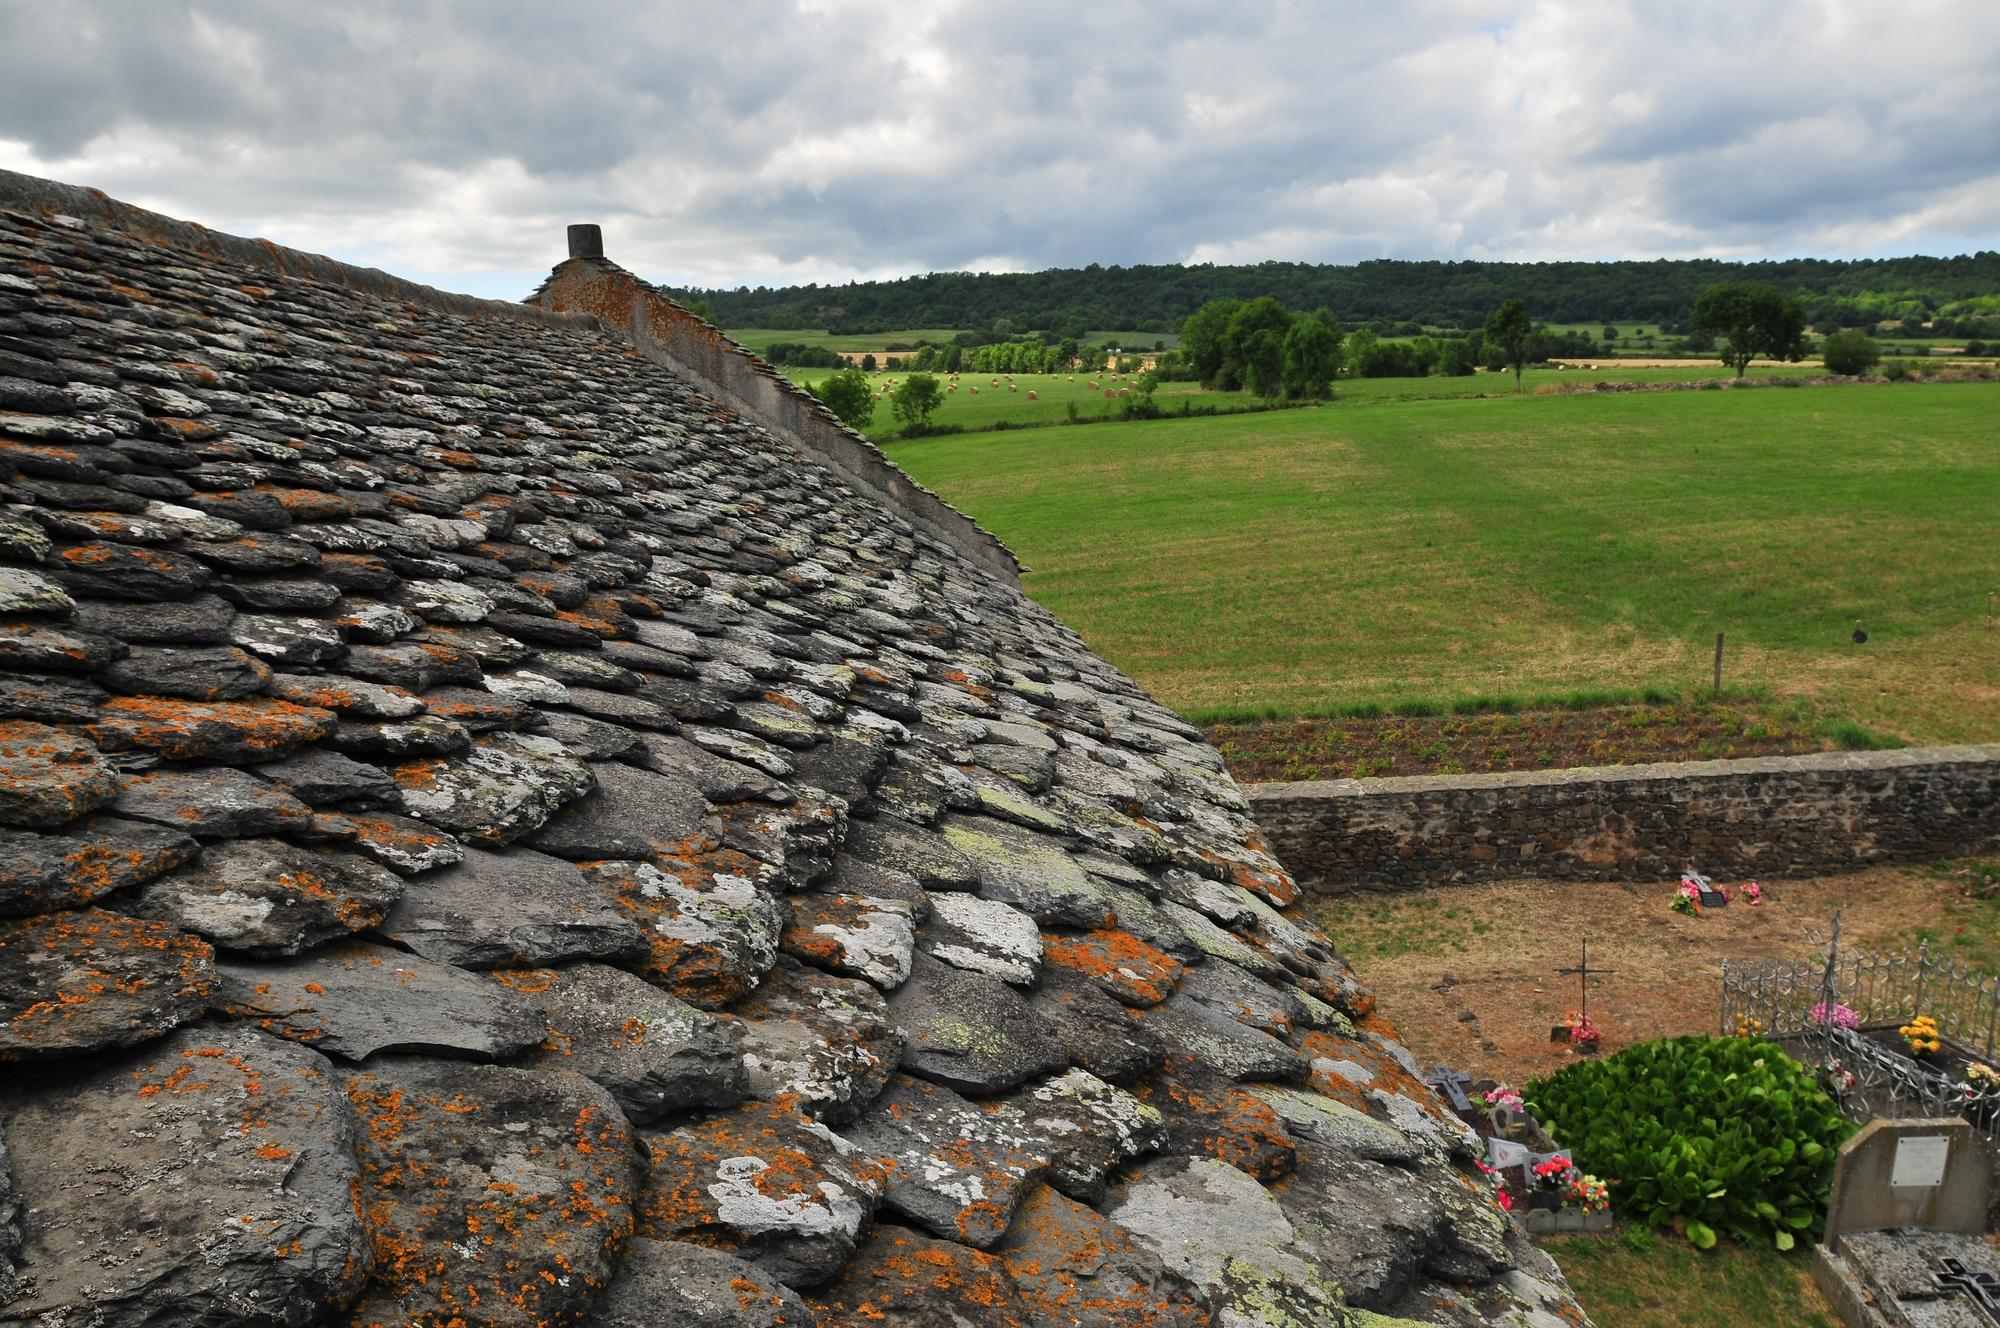 toit de lauzes, église de Colamine-sur-Vodable